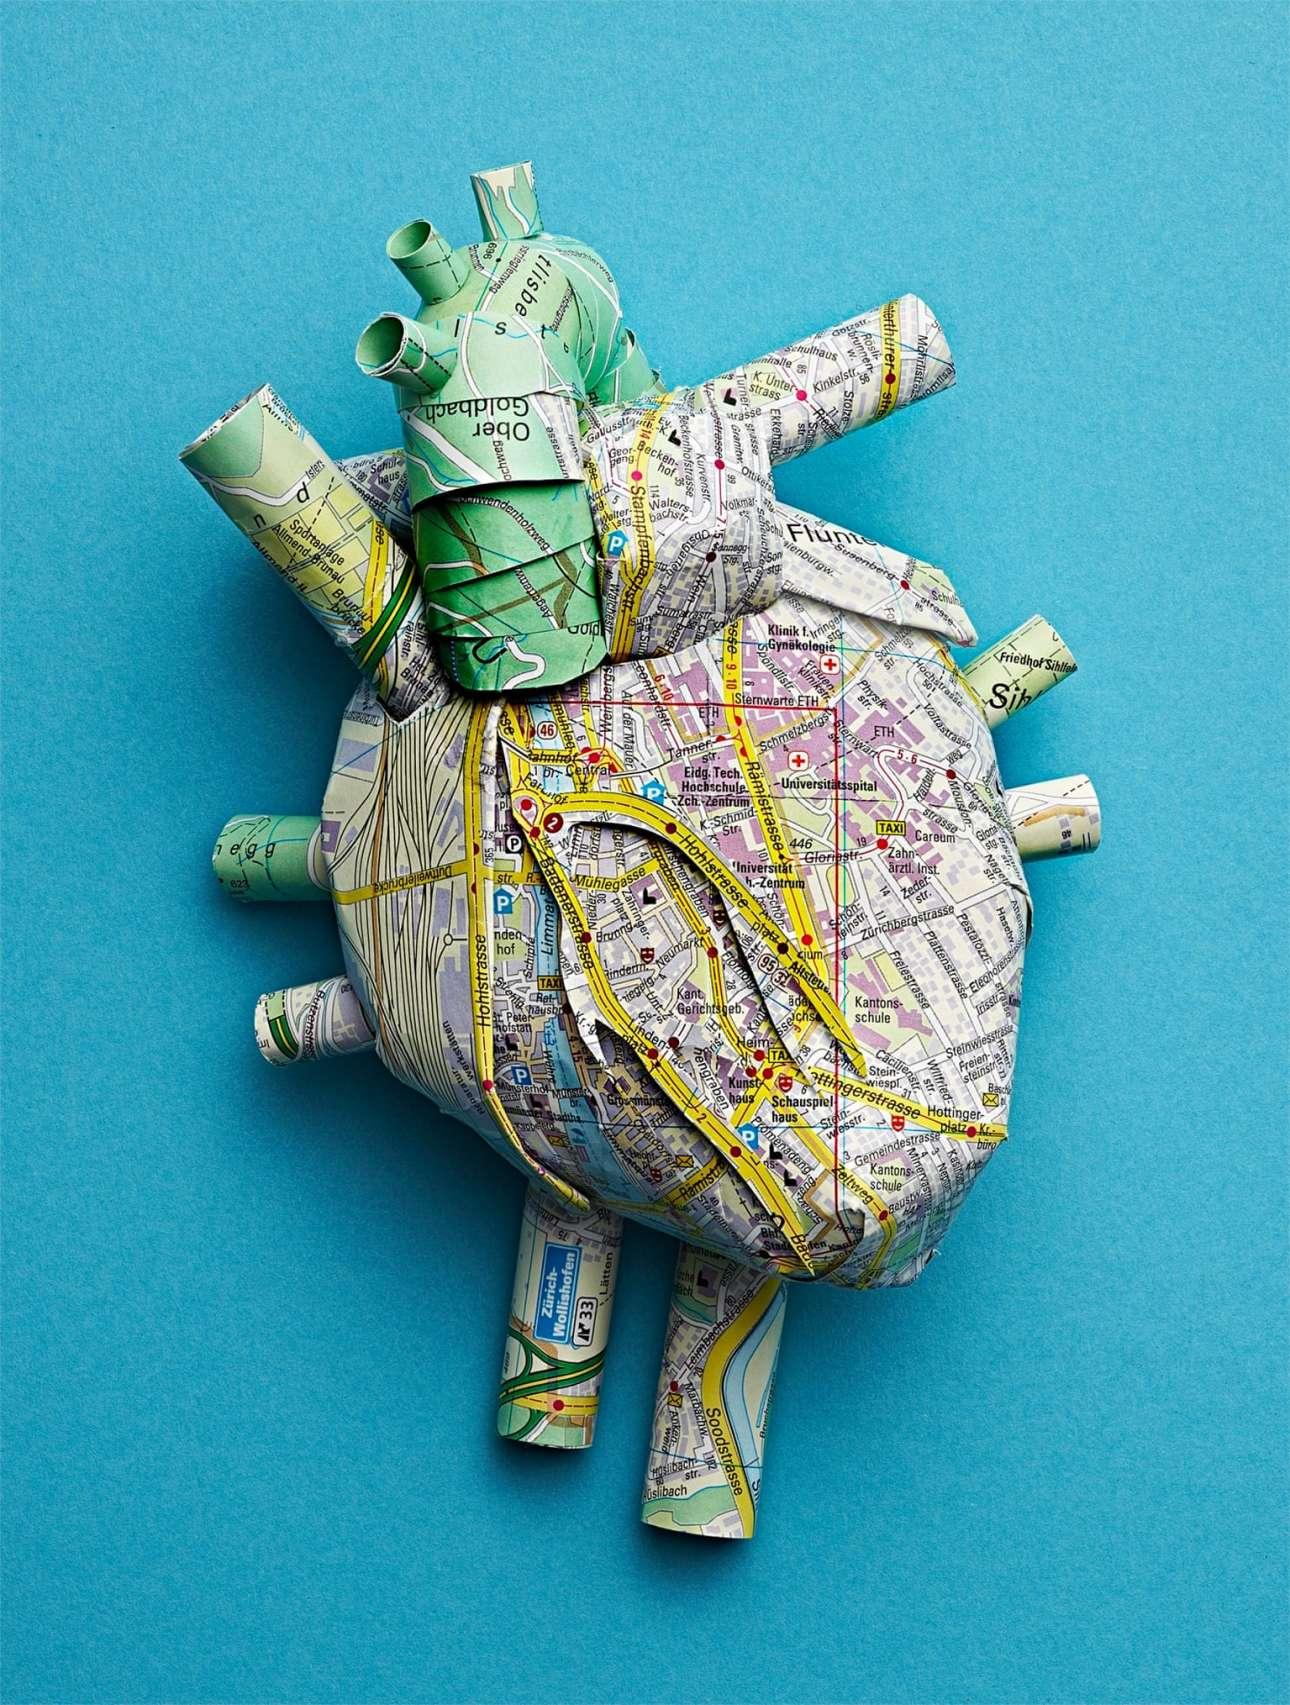 Η ανθρώπινη καρδιά φτιαγμένη από δρόμους, κανάλια και γειτονιές της Ζυρίχης